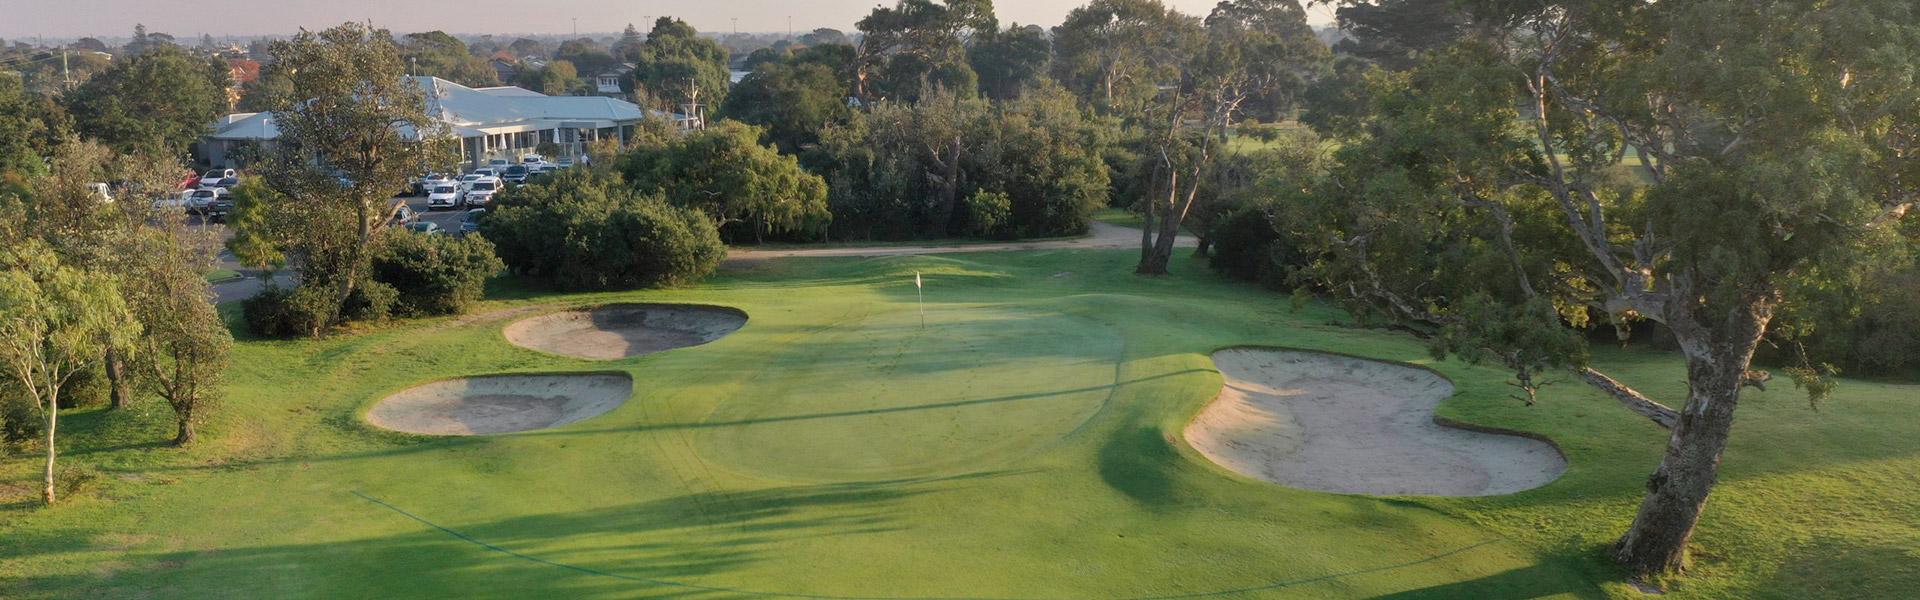 Hole 9 - Rossdale Golf Club